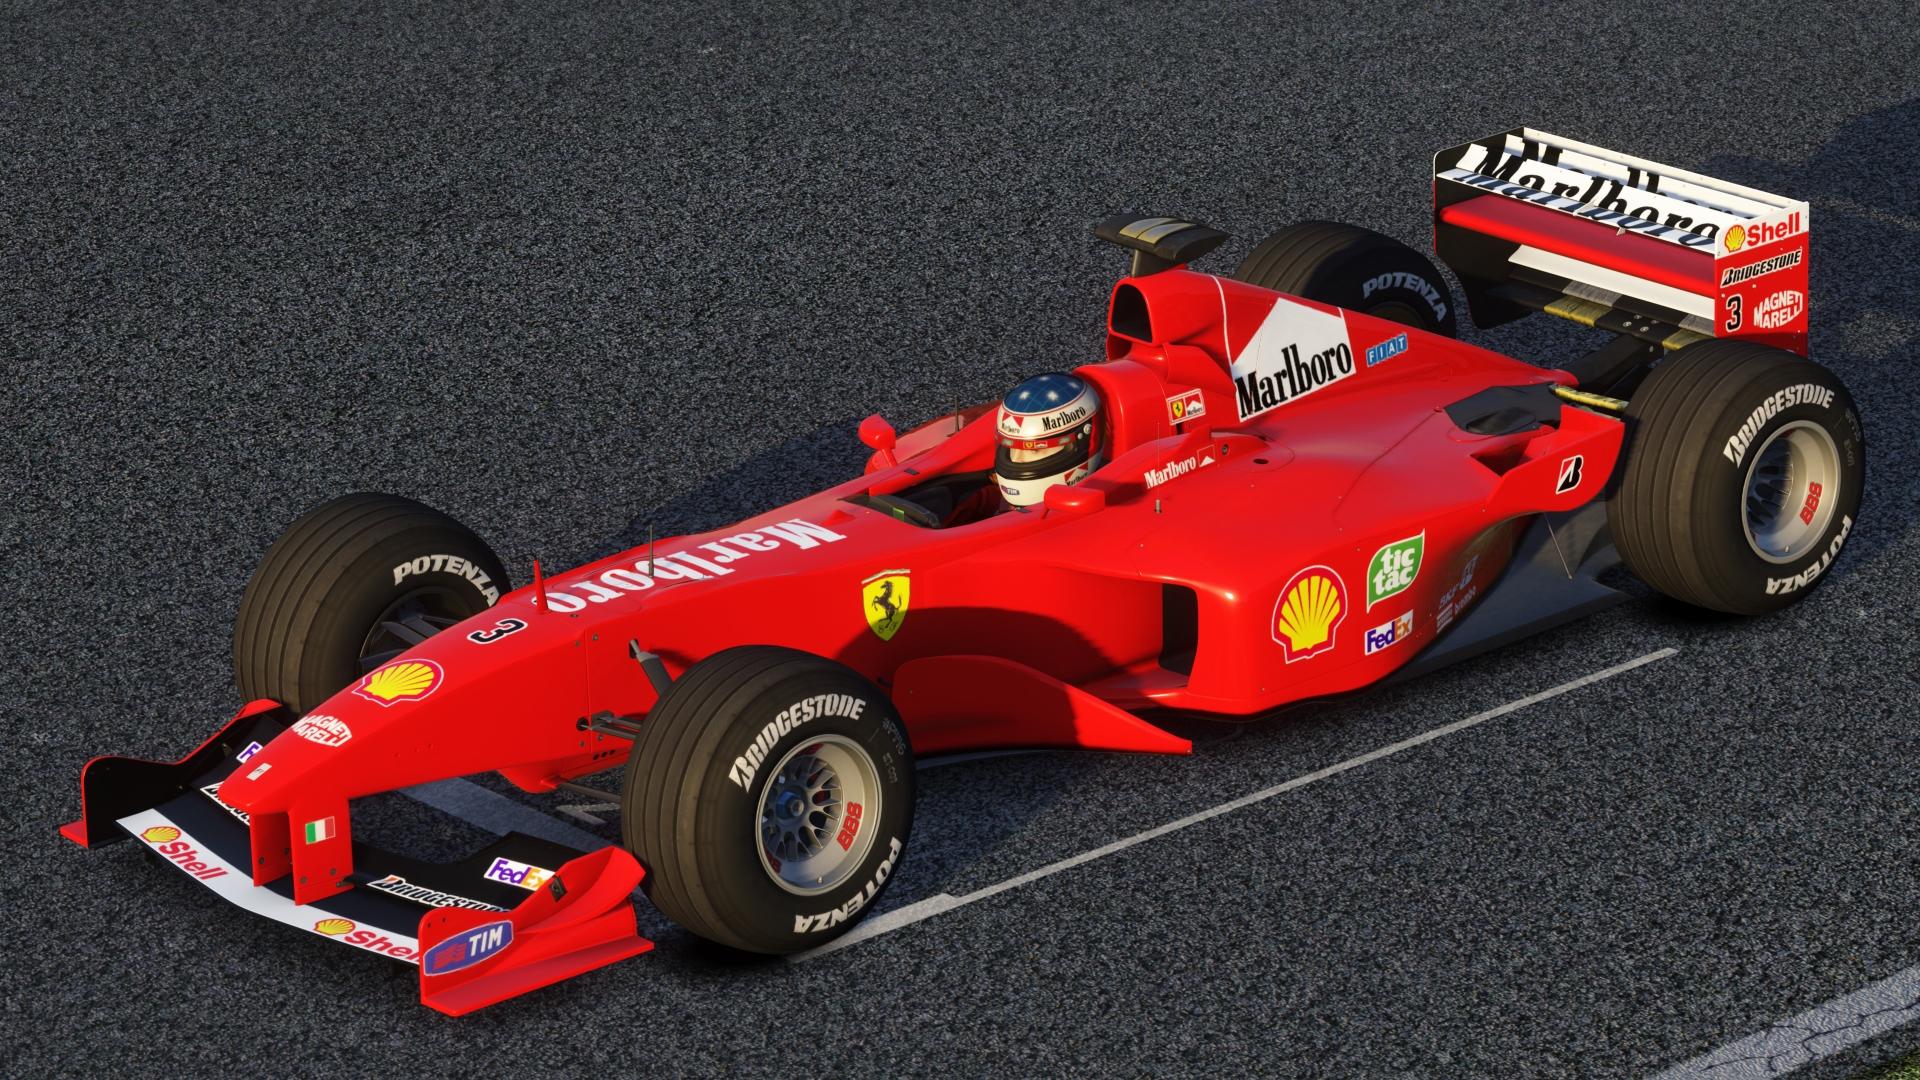 Screenshot_rss_formula_2000_ks_nurburgring_24-12-119-19-47-49.jpg